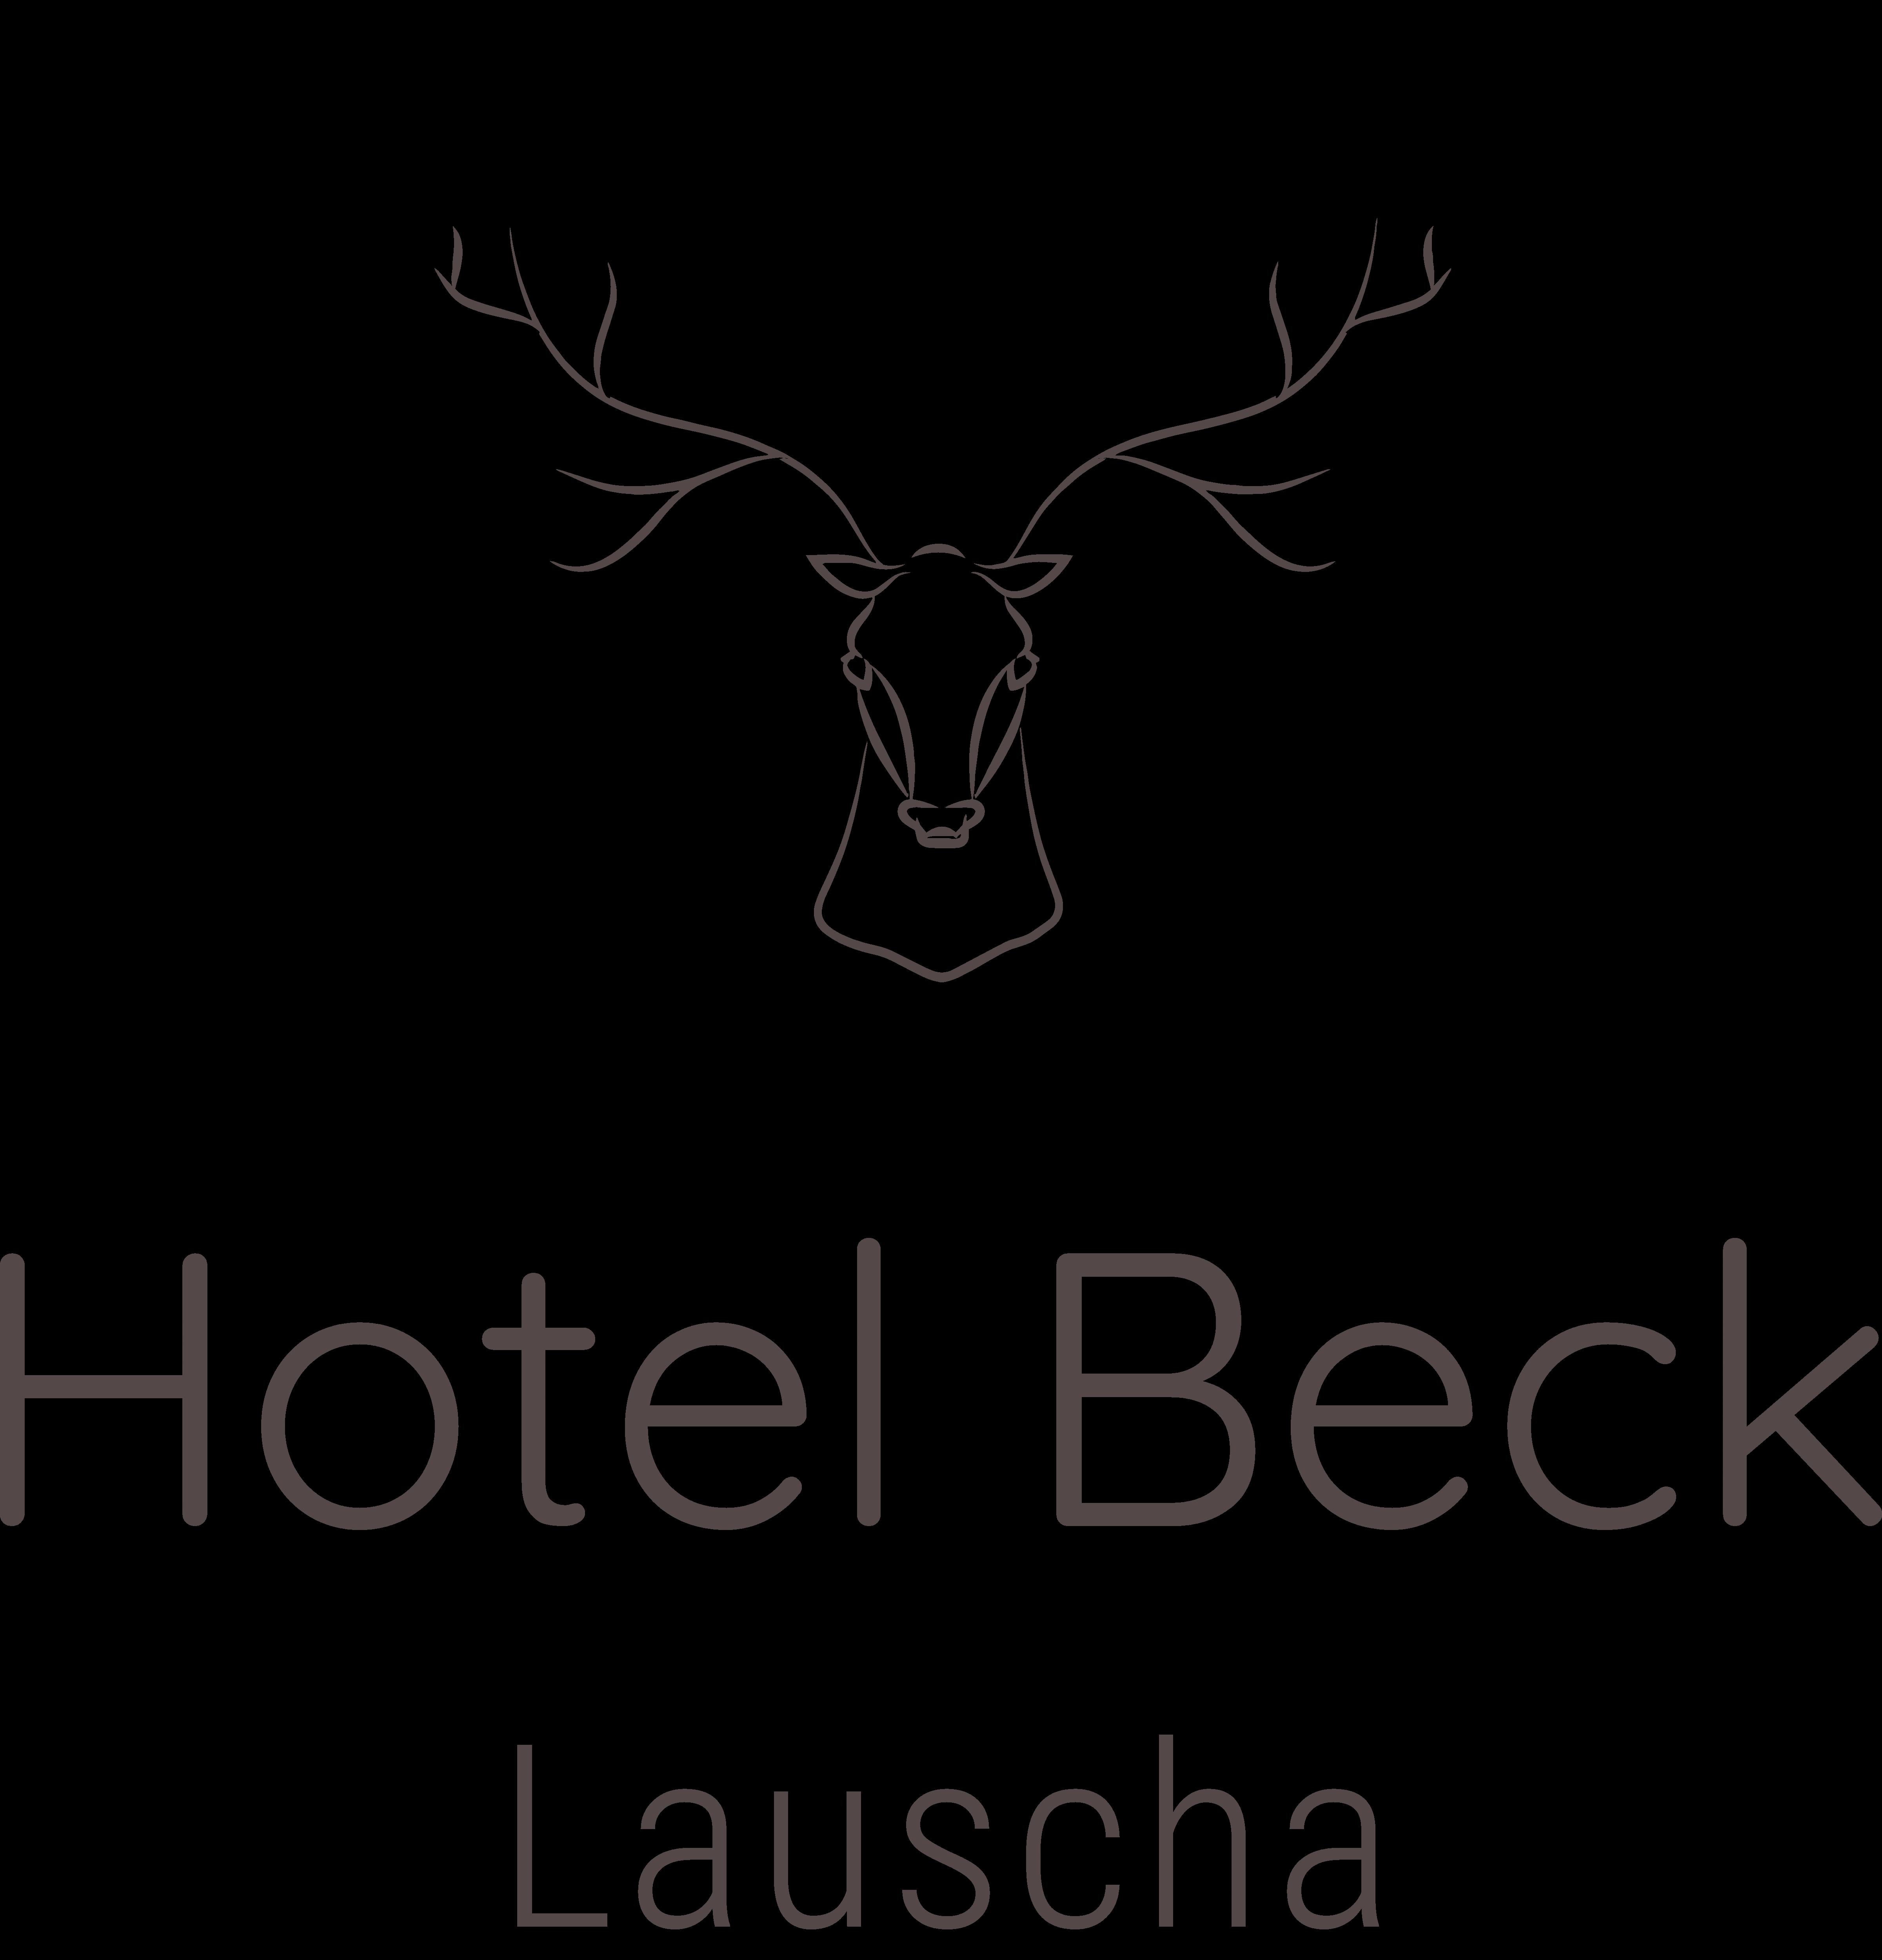 Hotel Beck Lauscha